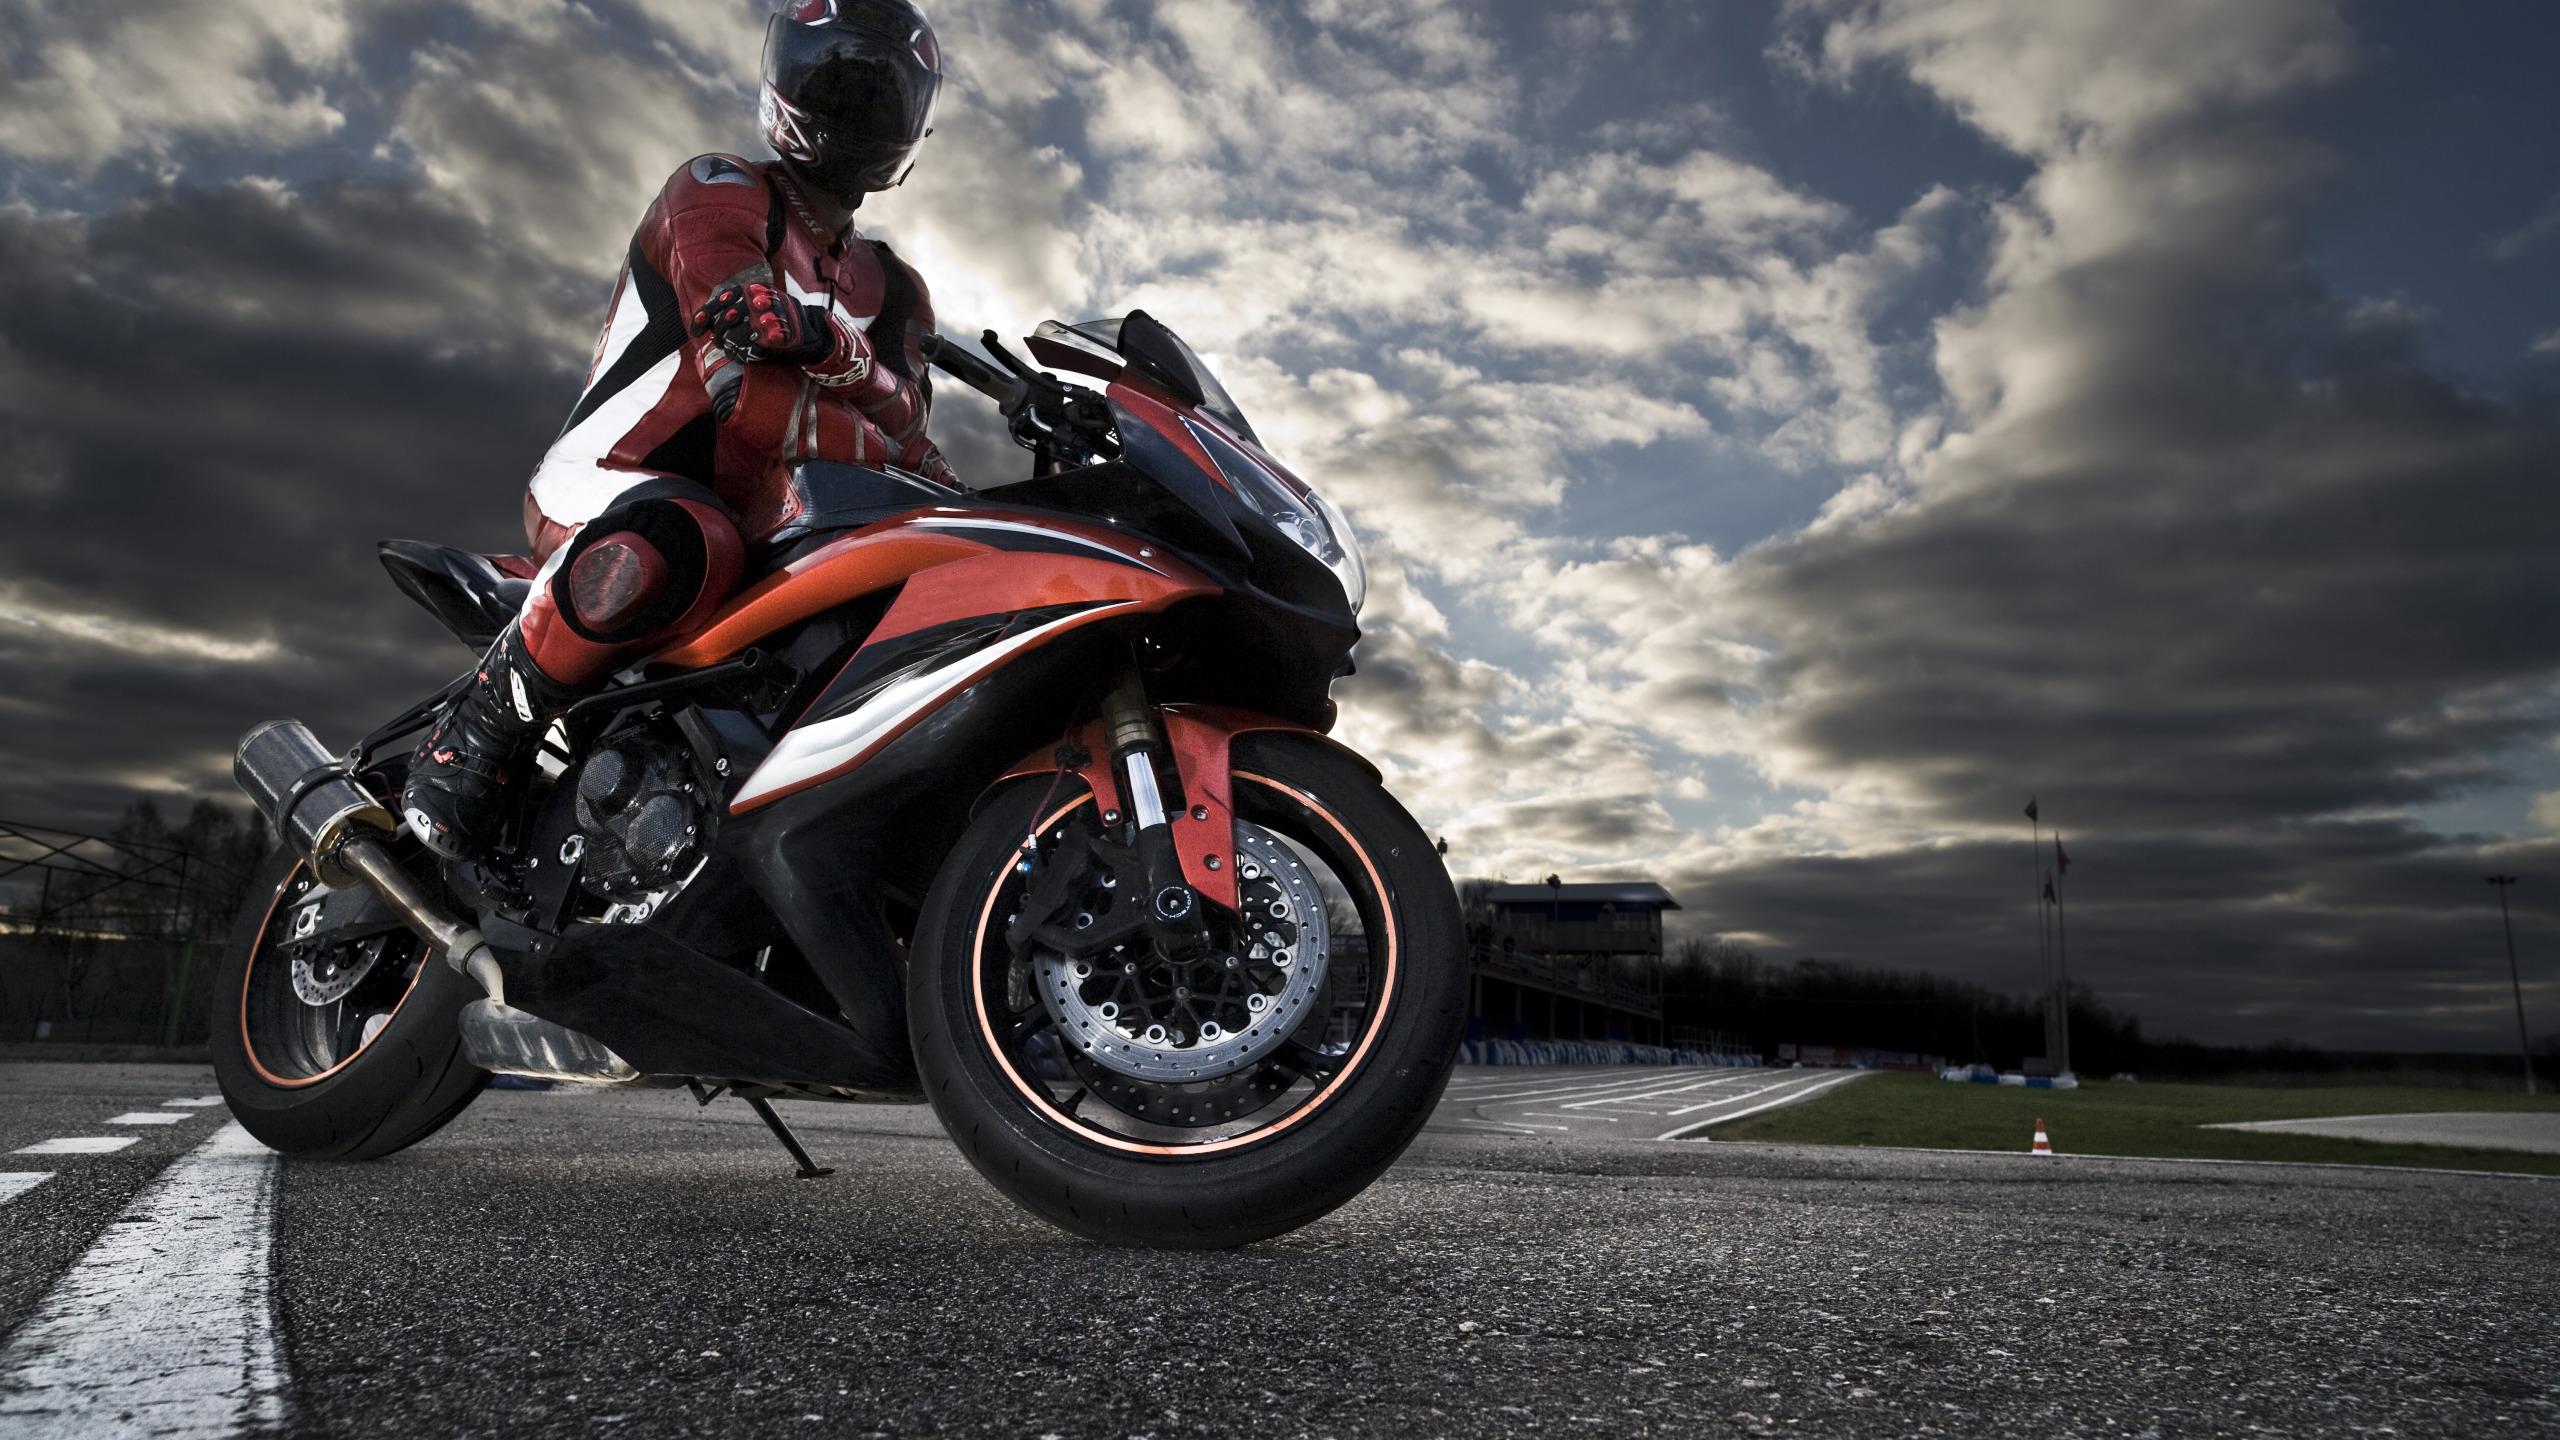 мотоциклы фото на аву мария российская